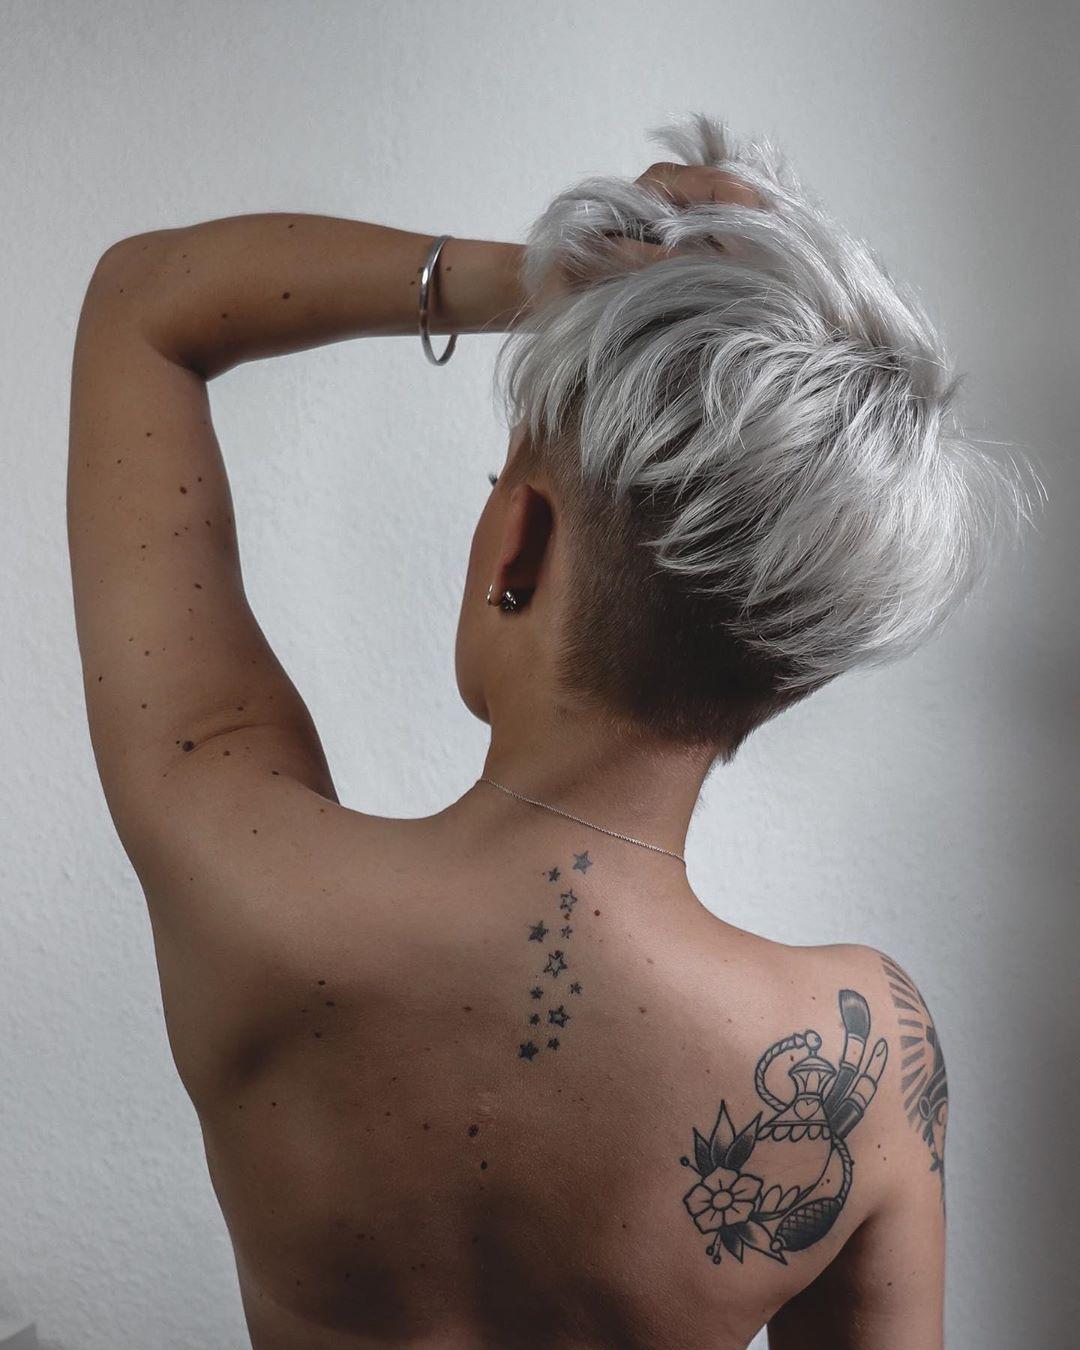 Tagli capelli per l'autunno inverno 2020/2021 | Tendenze ...